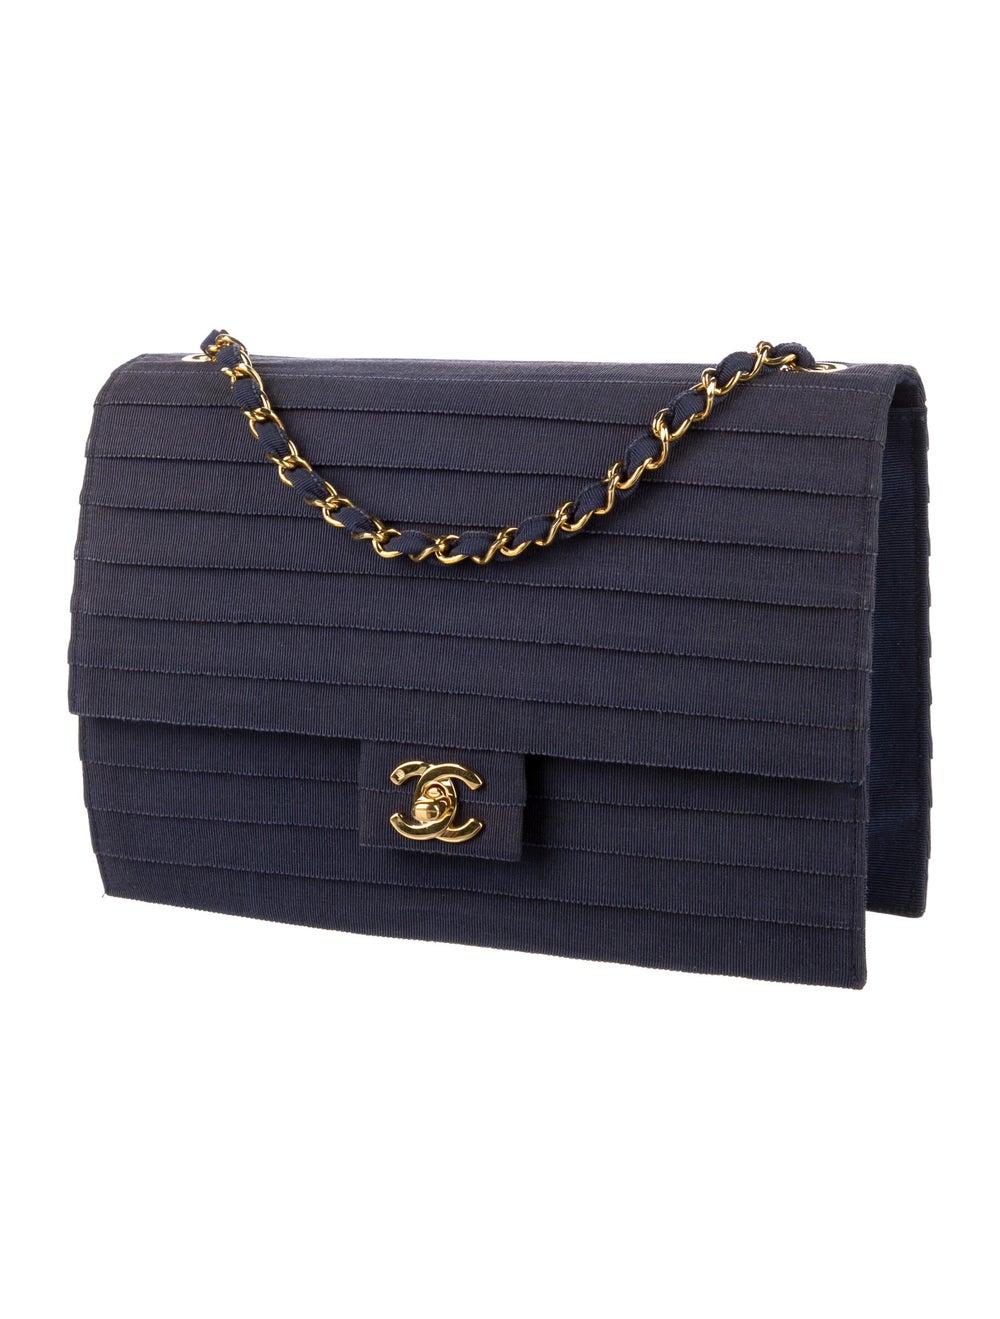 Chanel Paneled Flap Bag Blue - image 3